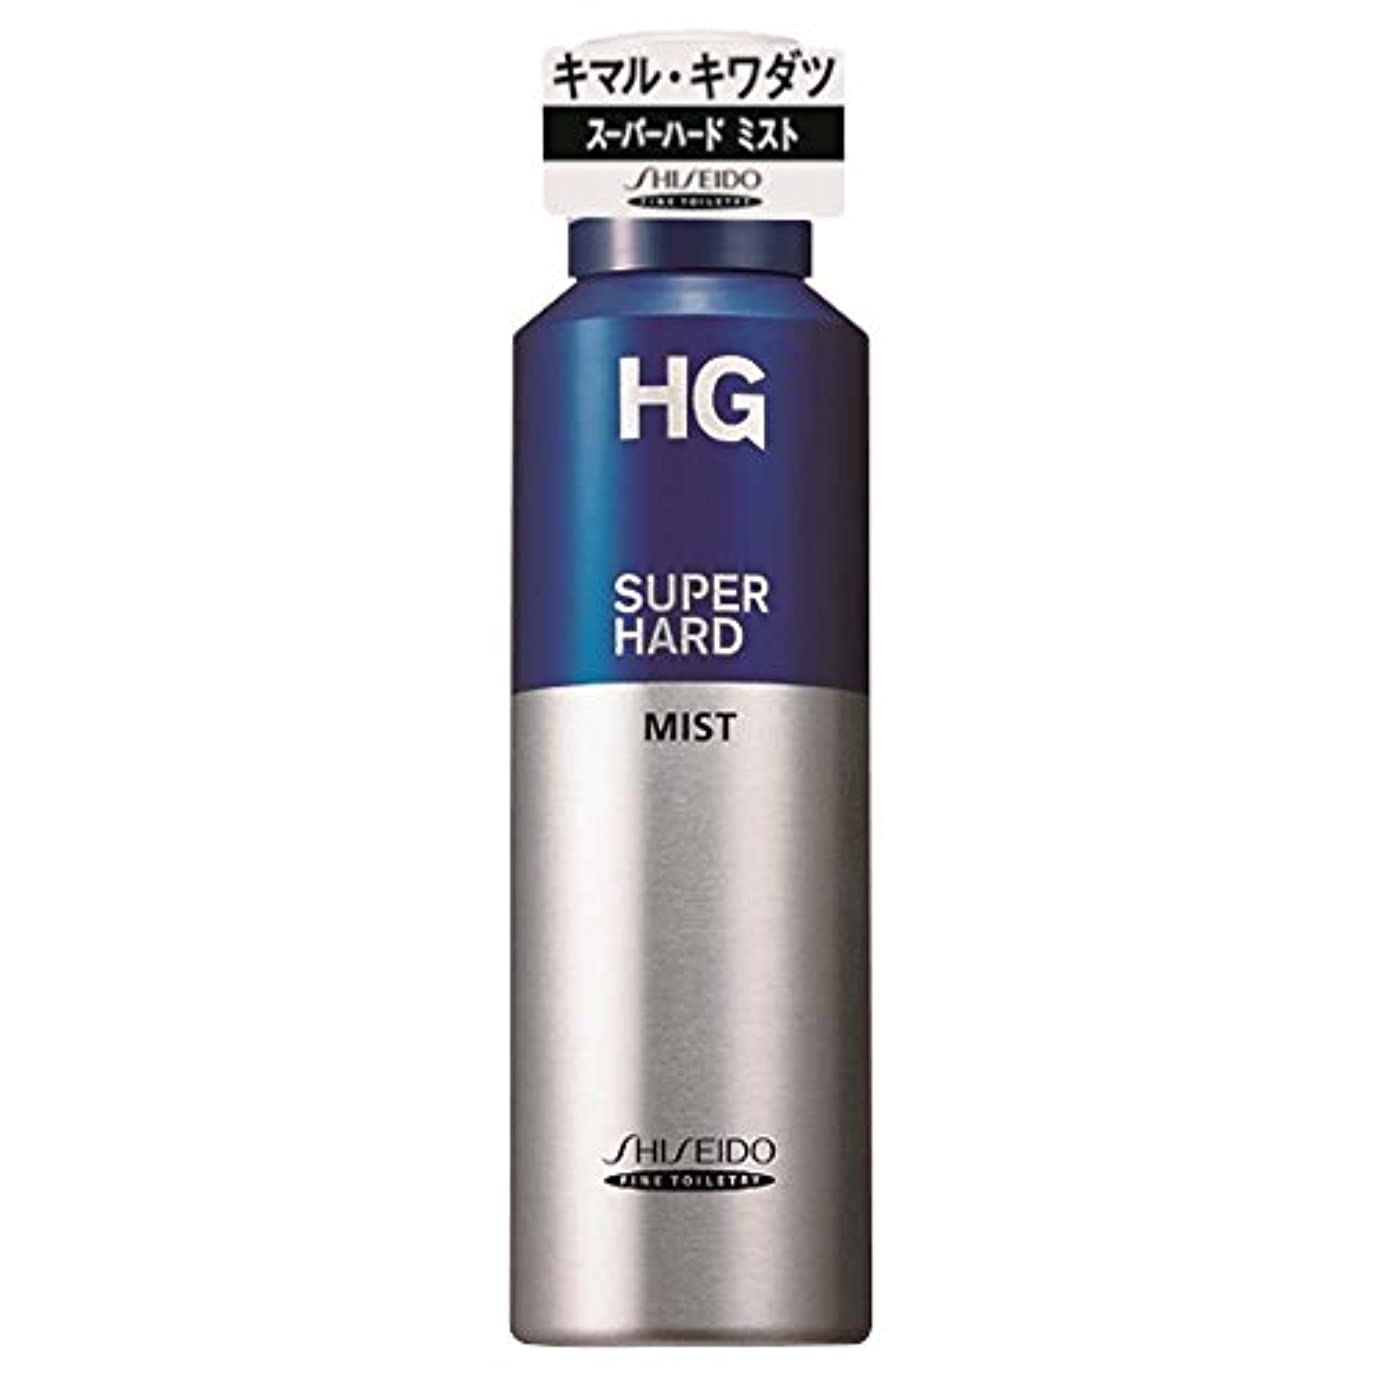 サポート根拠会計HG スーパーハードミストa 150g